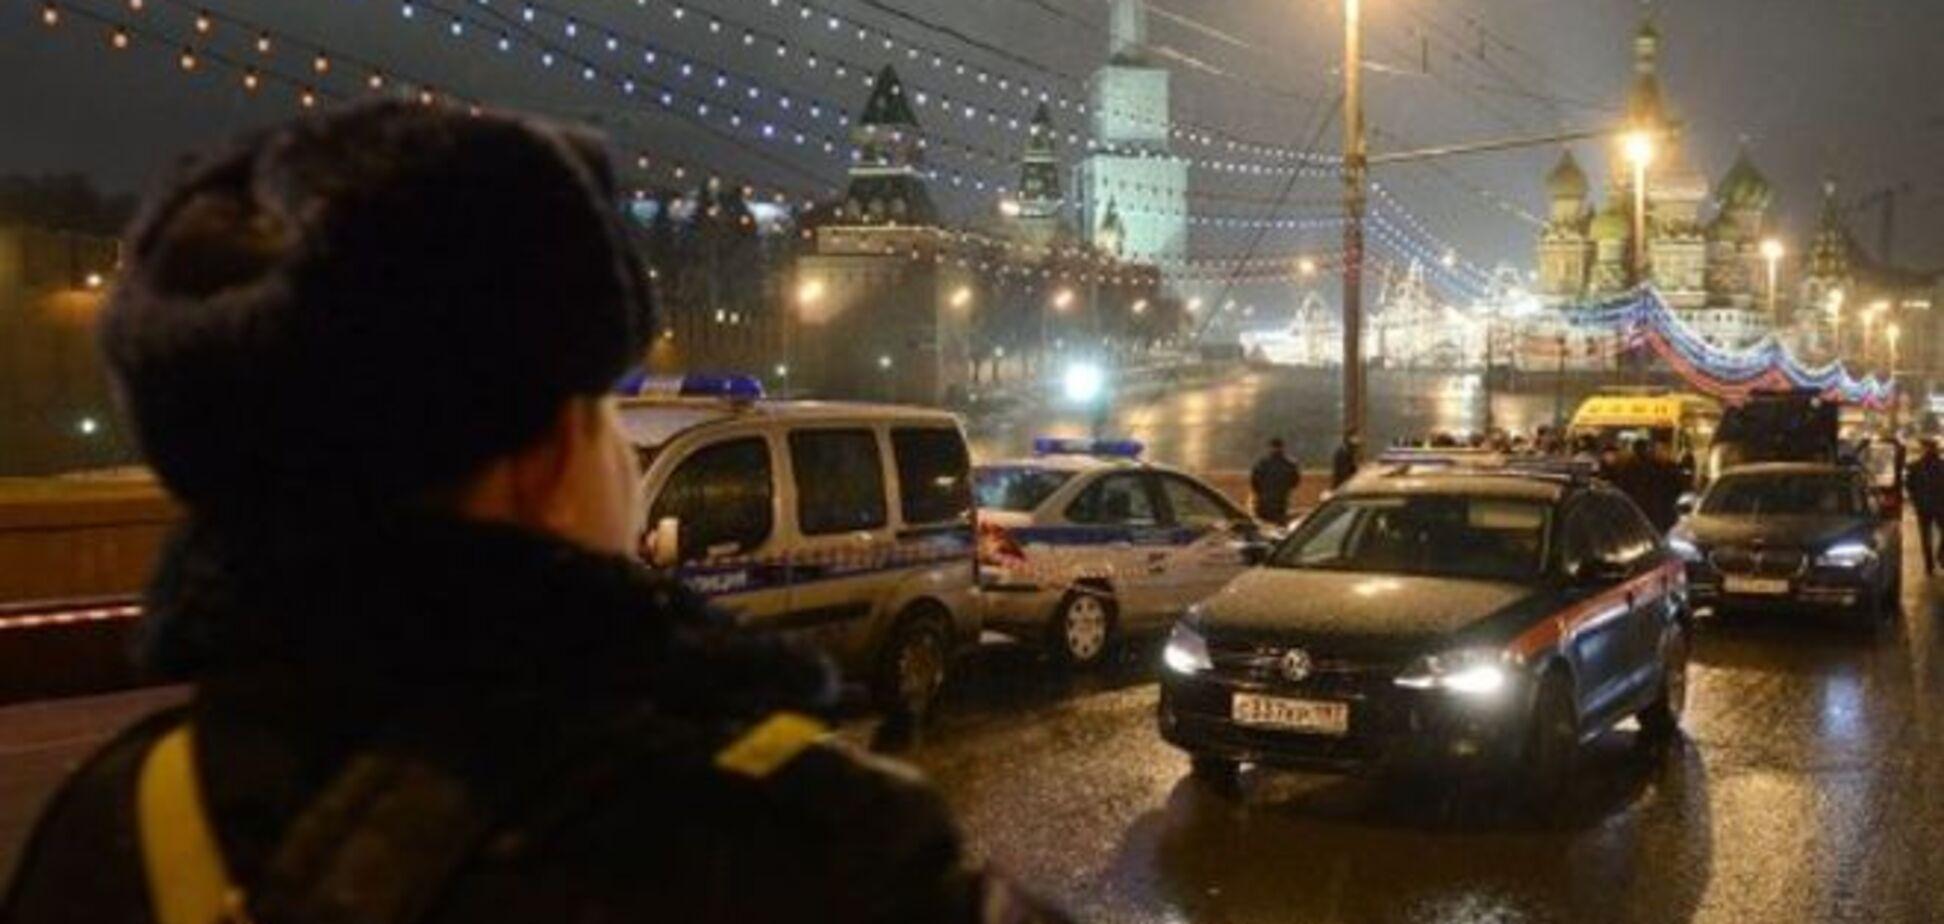 LifeNews предлагает украинским СМИ за $1000 снять квартиру модели-свидетельницы убийства Немцова - журналист